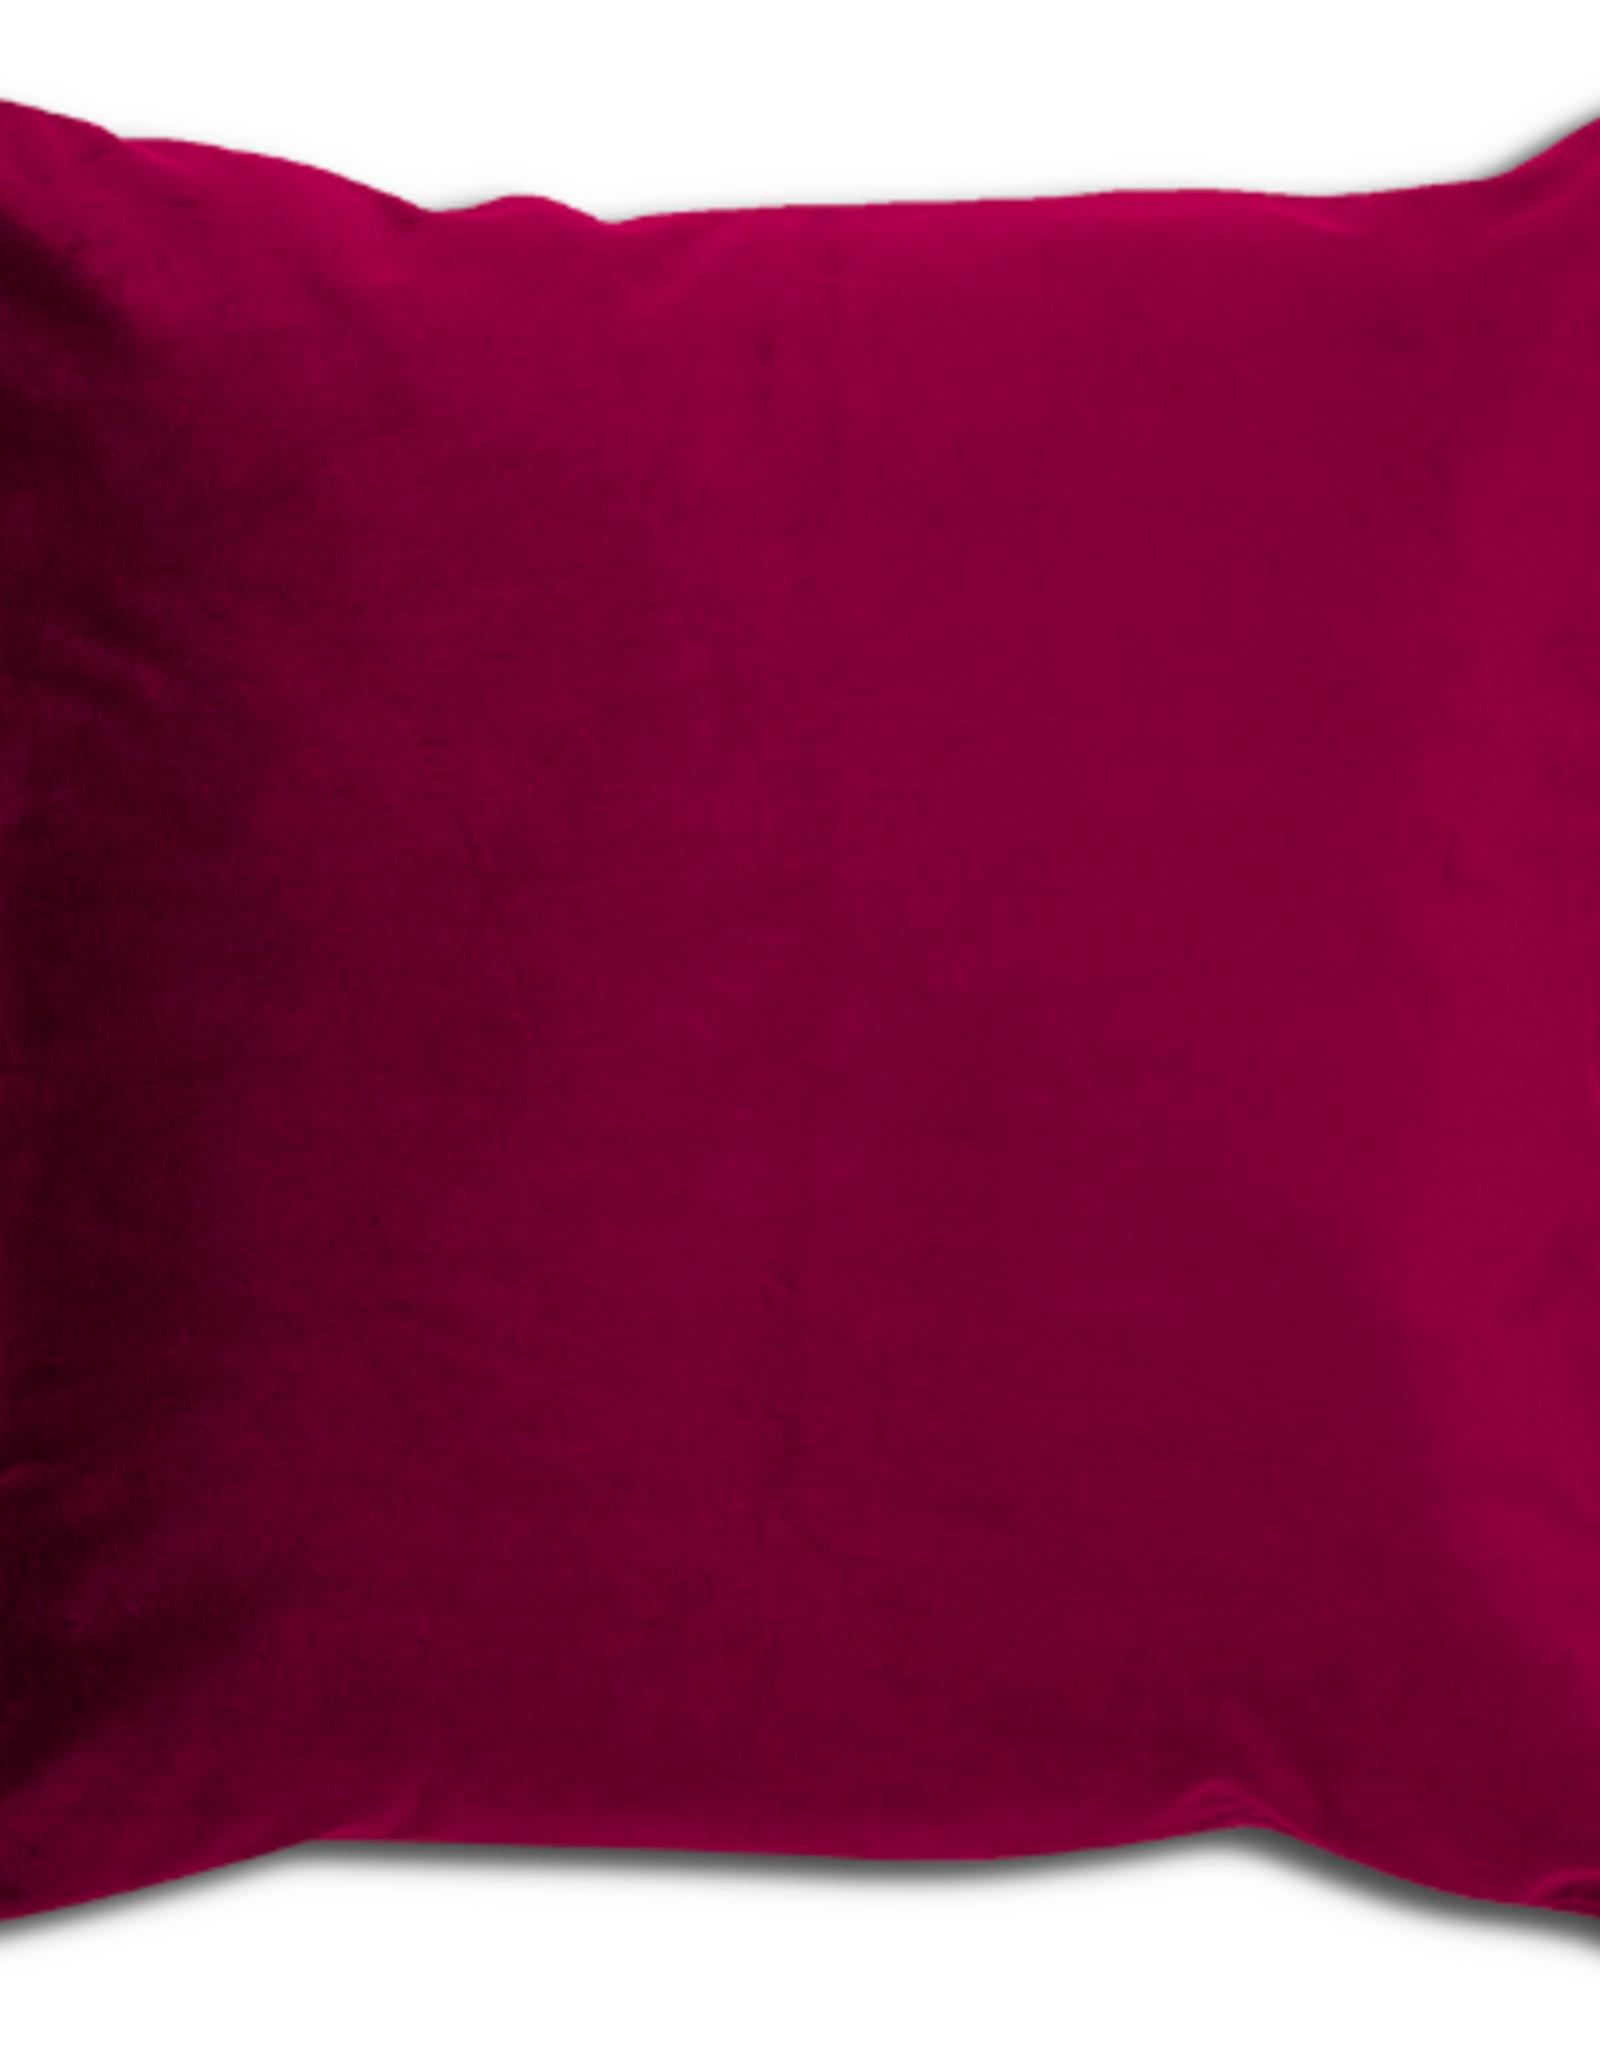 Alamode Home Cushions RJS Langtree Velvet